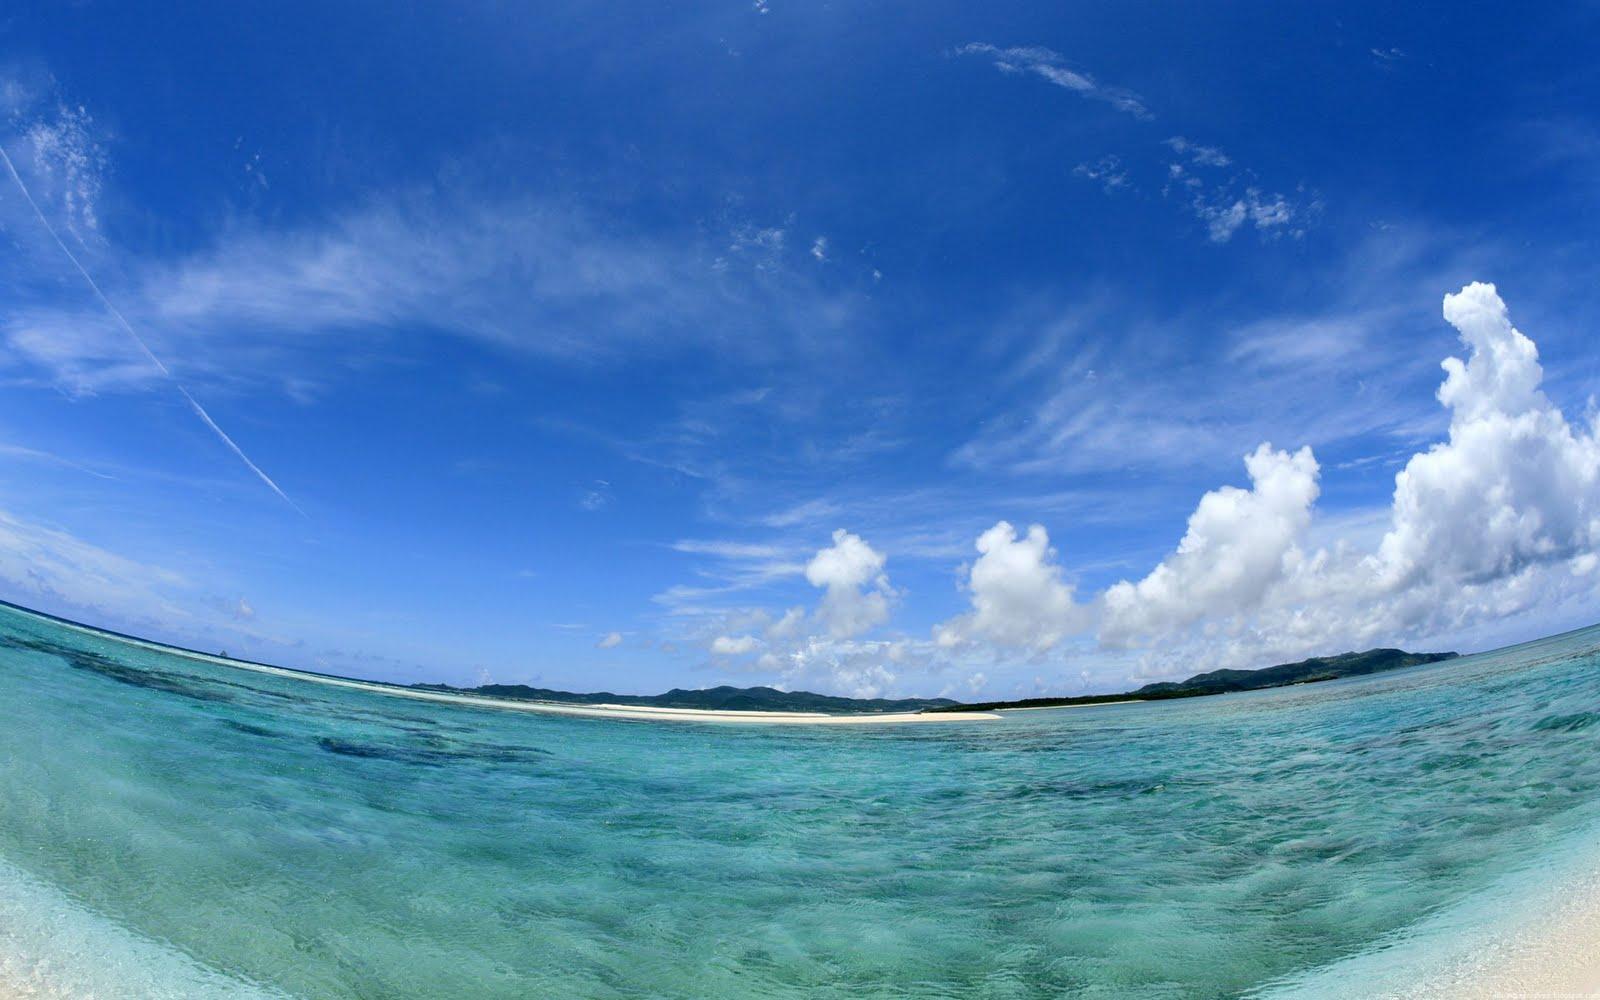 hd sea to sky - photo #23